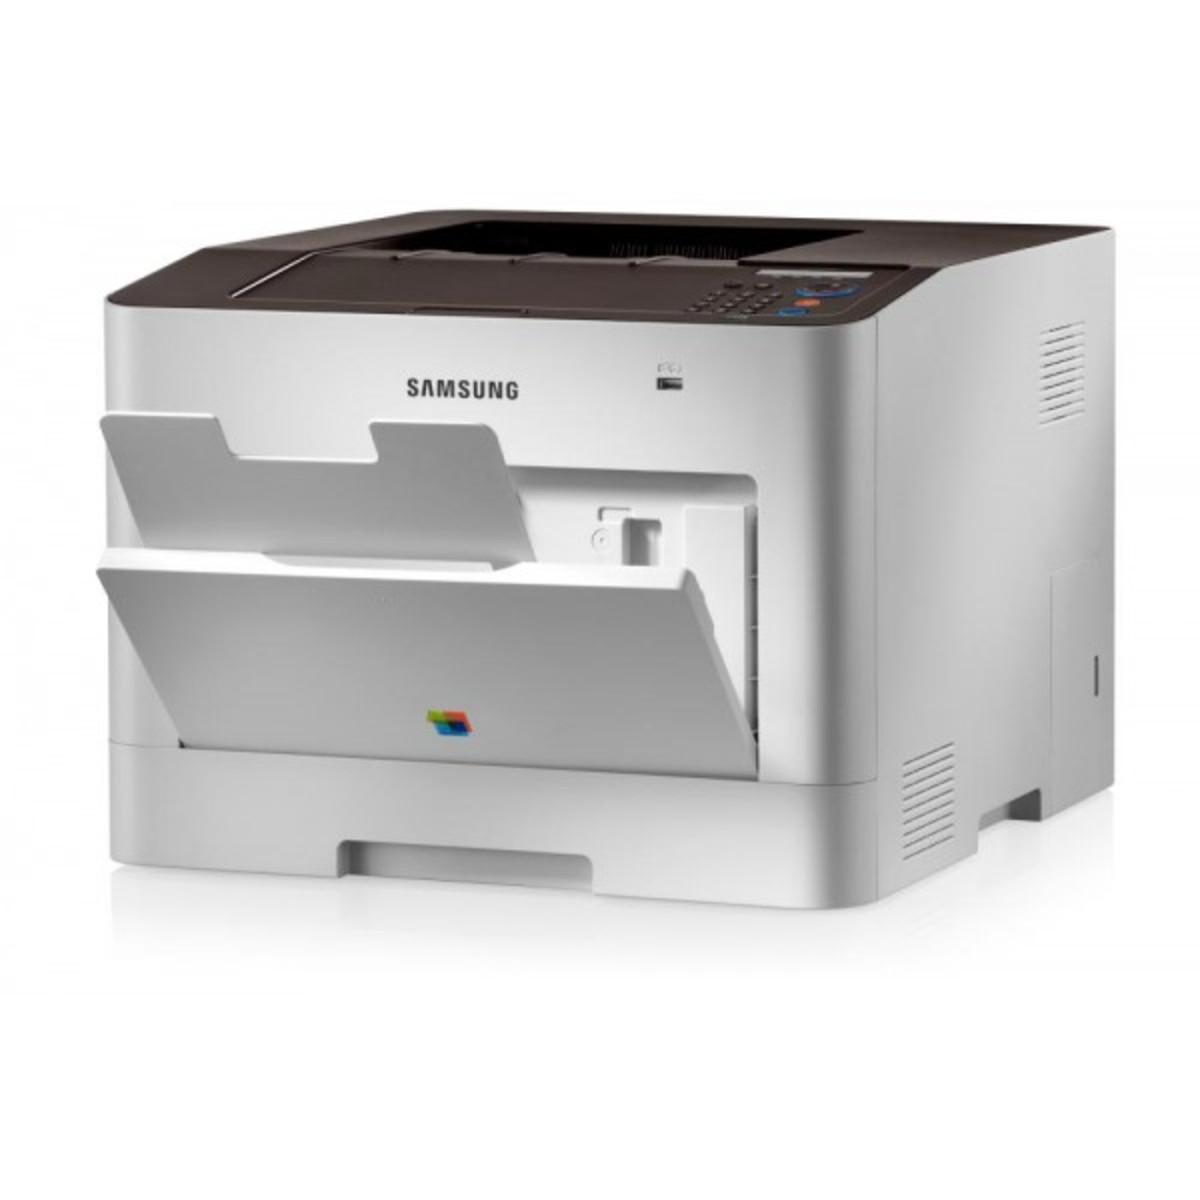 Samsung CLP-680DW Laser Printer